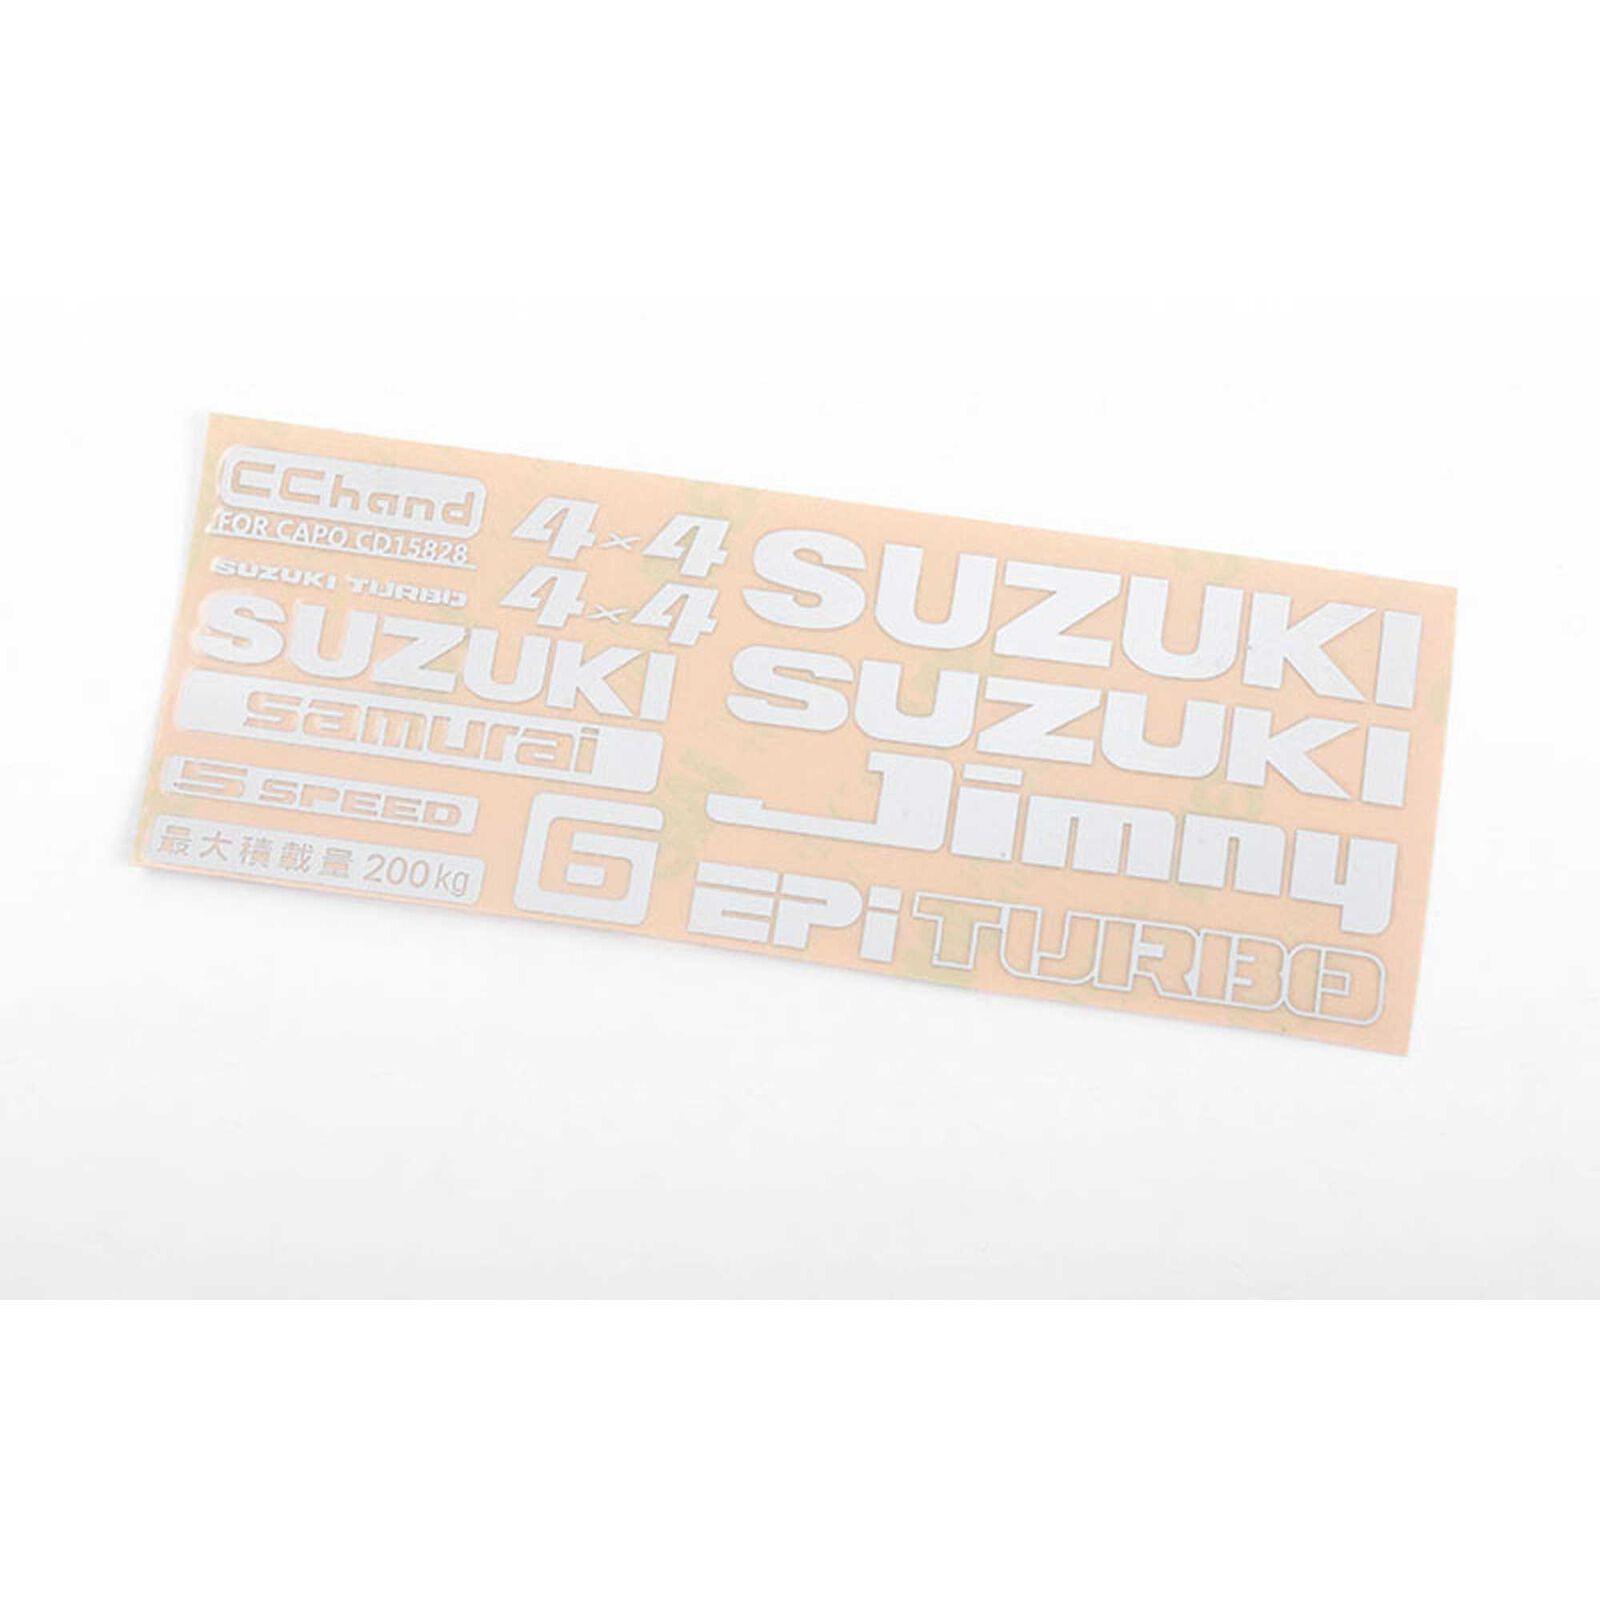 Logo Decal Sheet, White: Samurai 1/6 Crawler